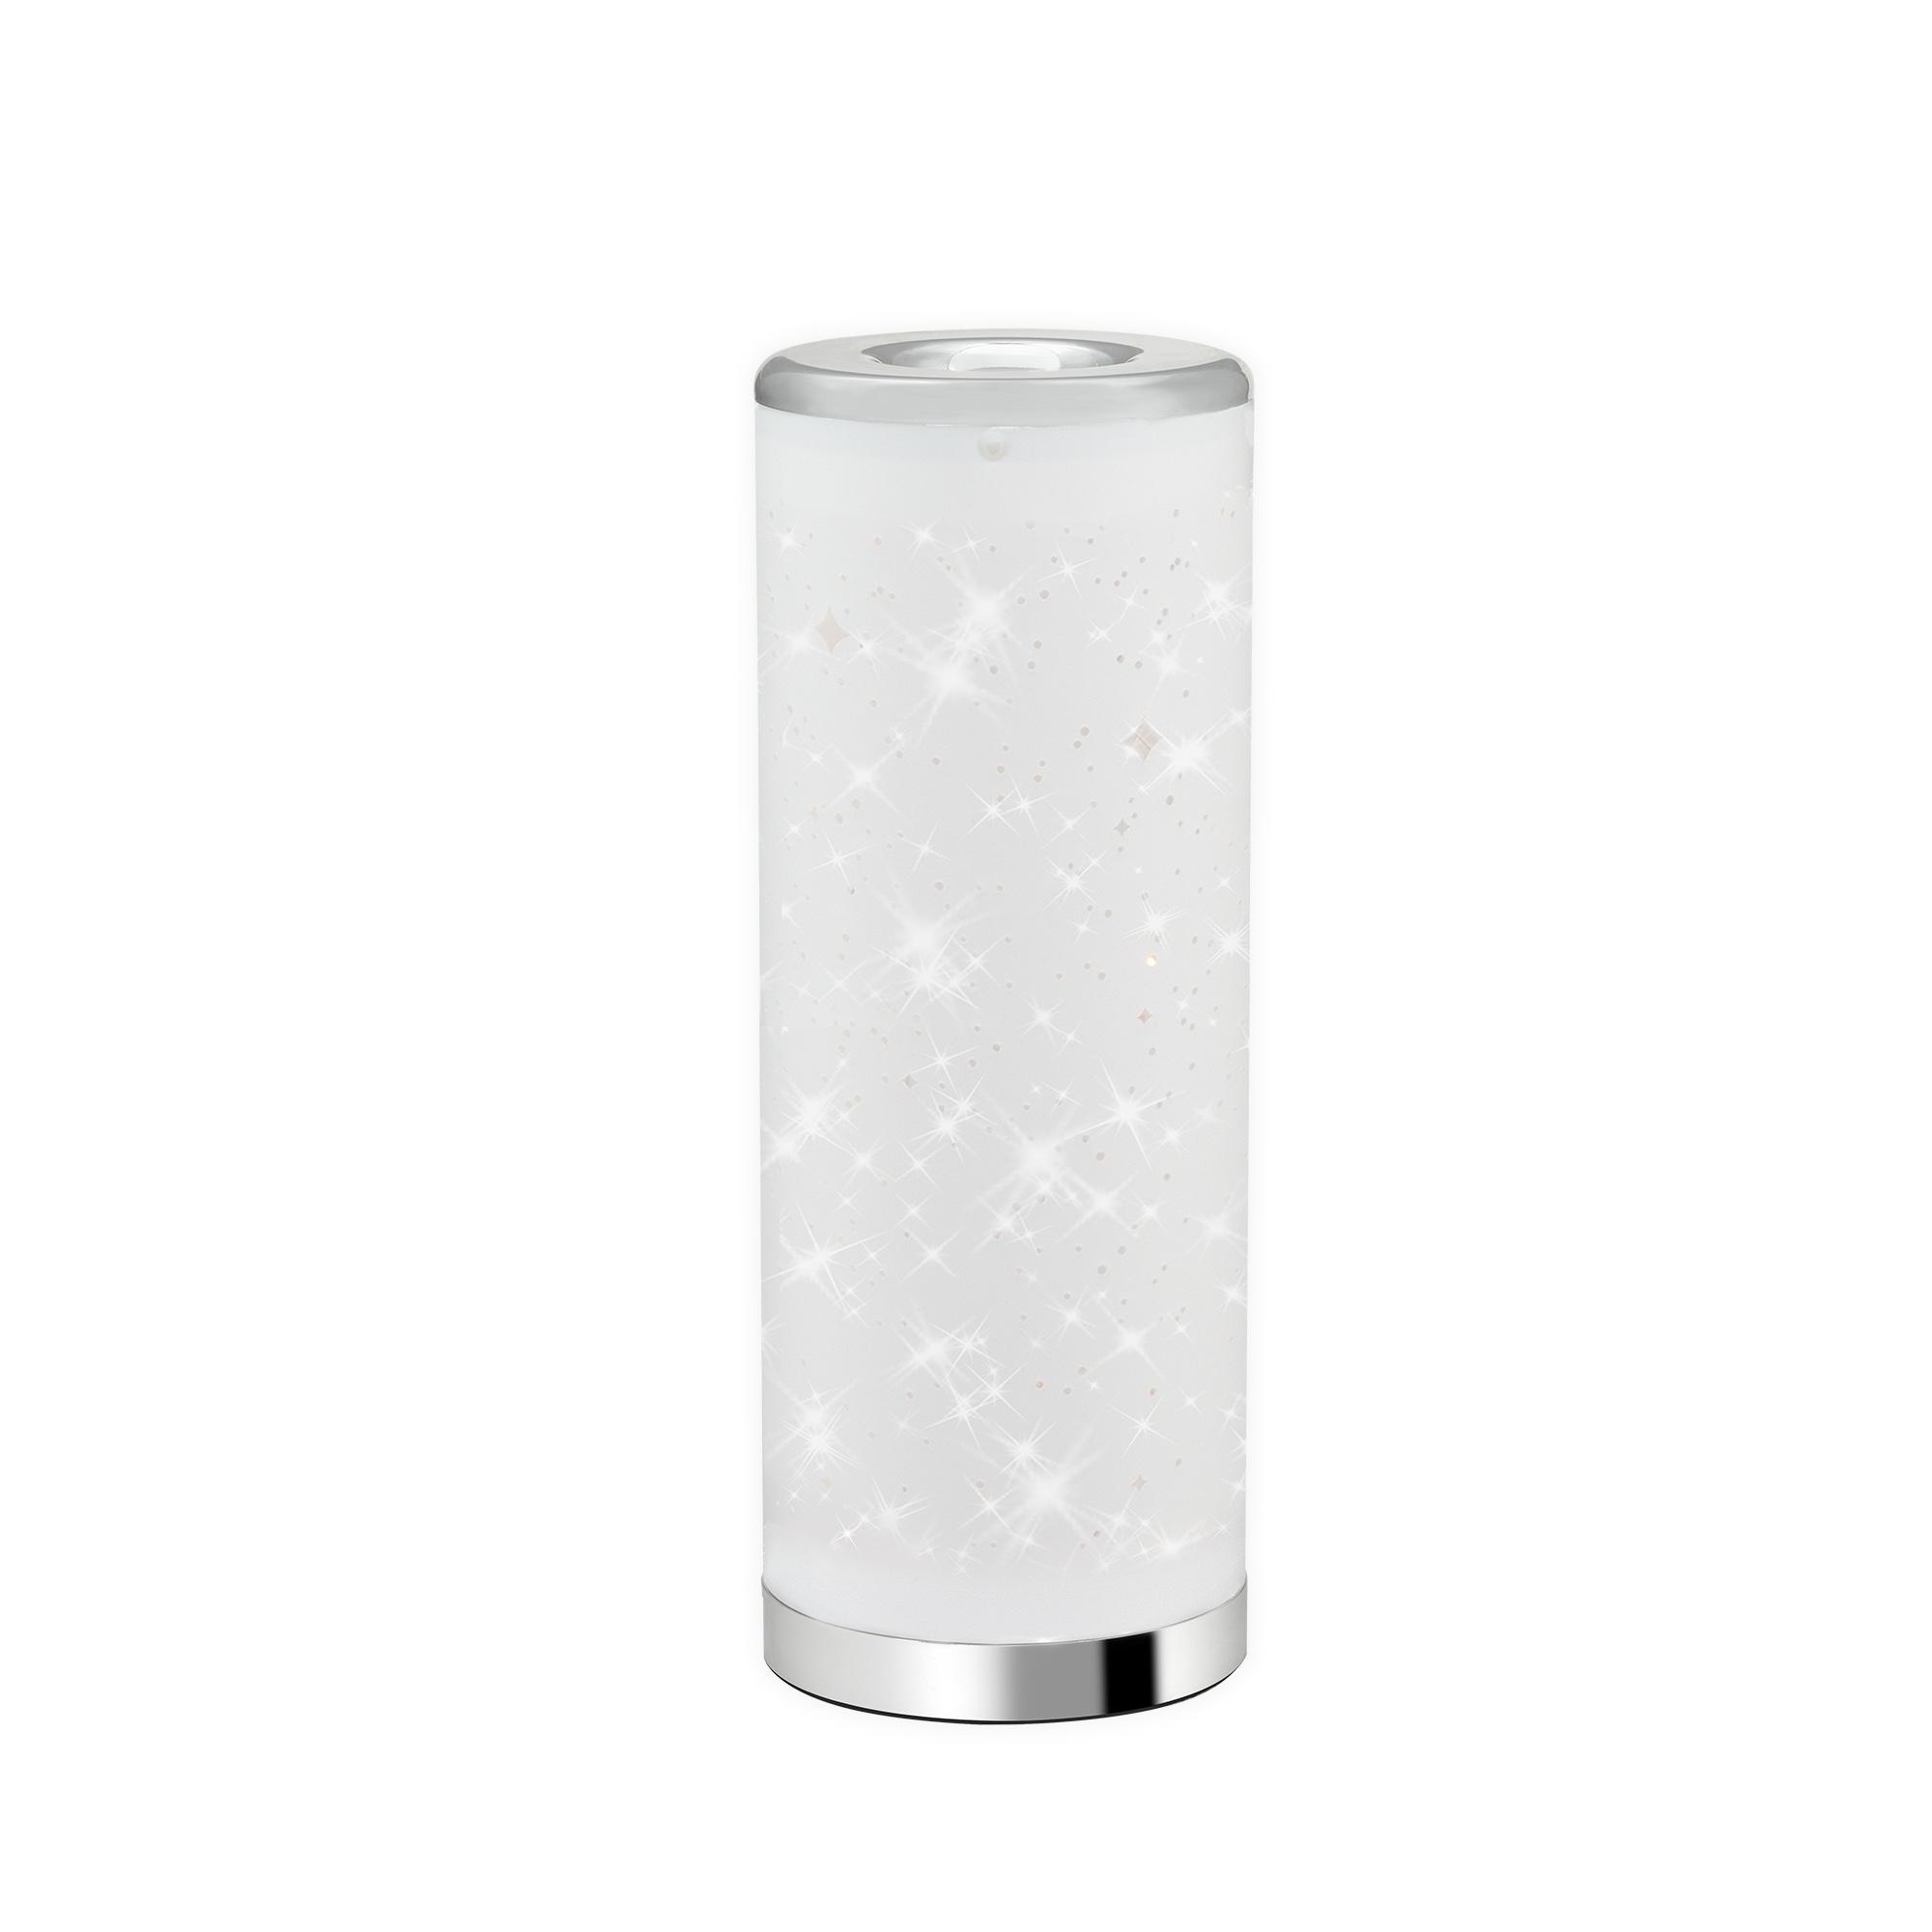 STERNENHIMMEL LED Tischleuchte Weiß-Chrom